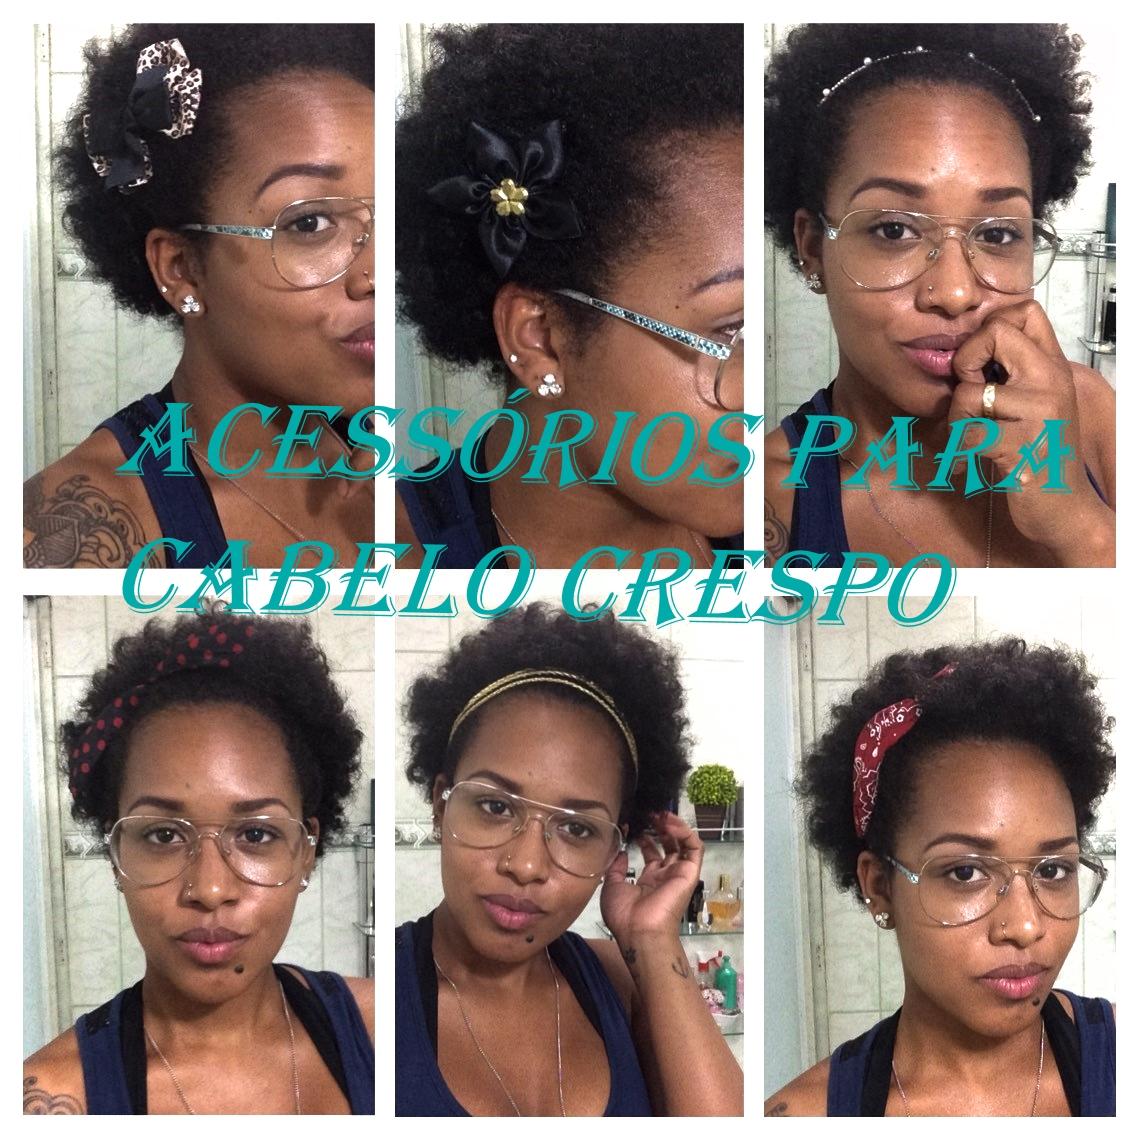 cabelo crespo, cabelo tipo 4, cabelo natural, acessórios para cabelo, acessórios para cabelo crespo,fala serio zy, grazy braga,negra,black